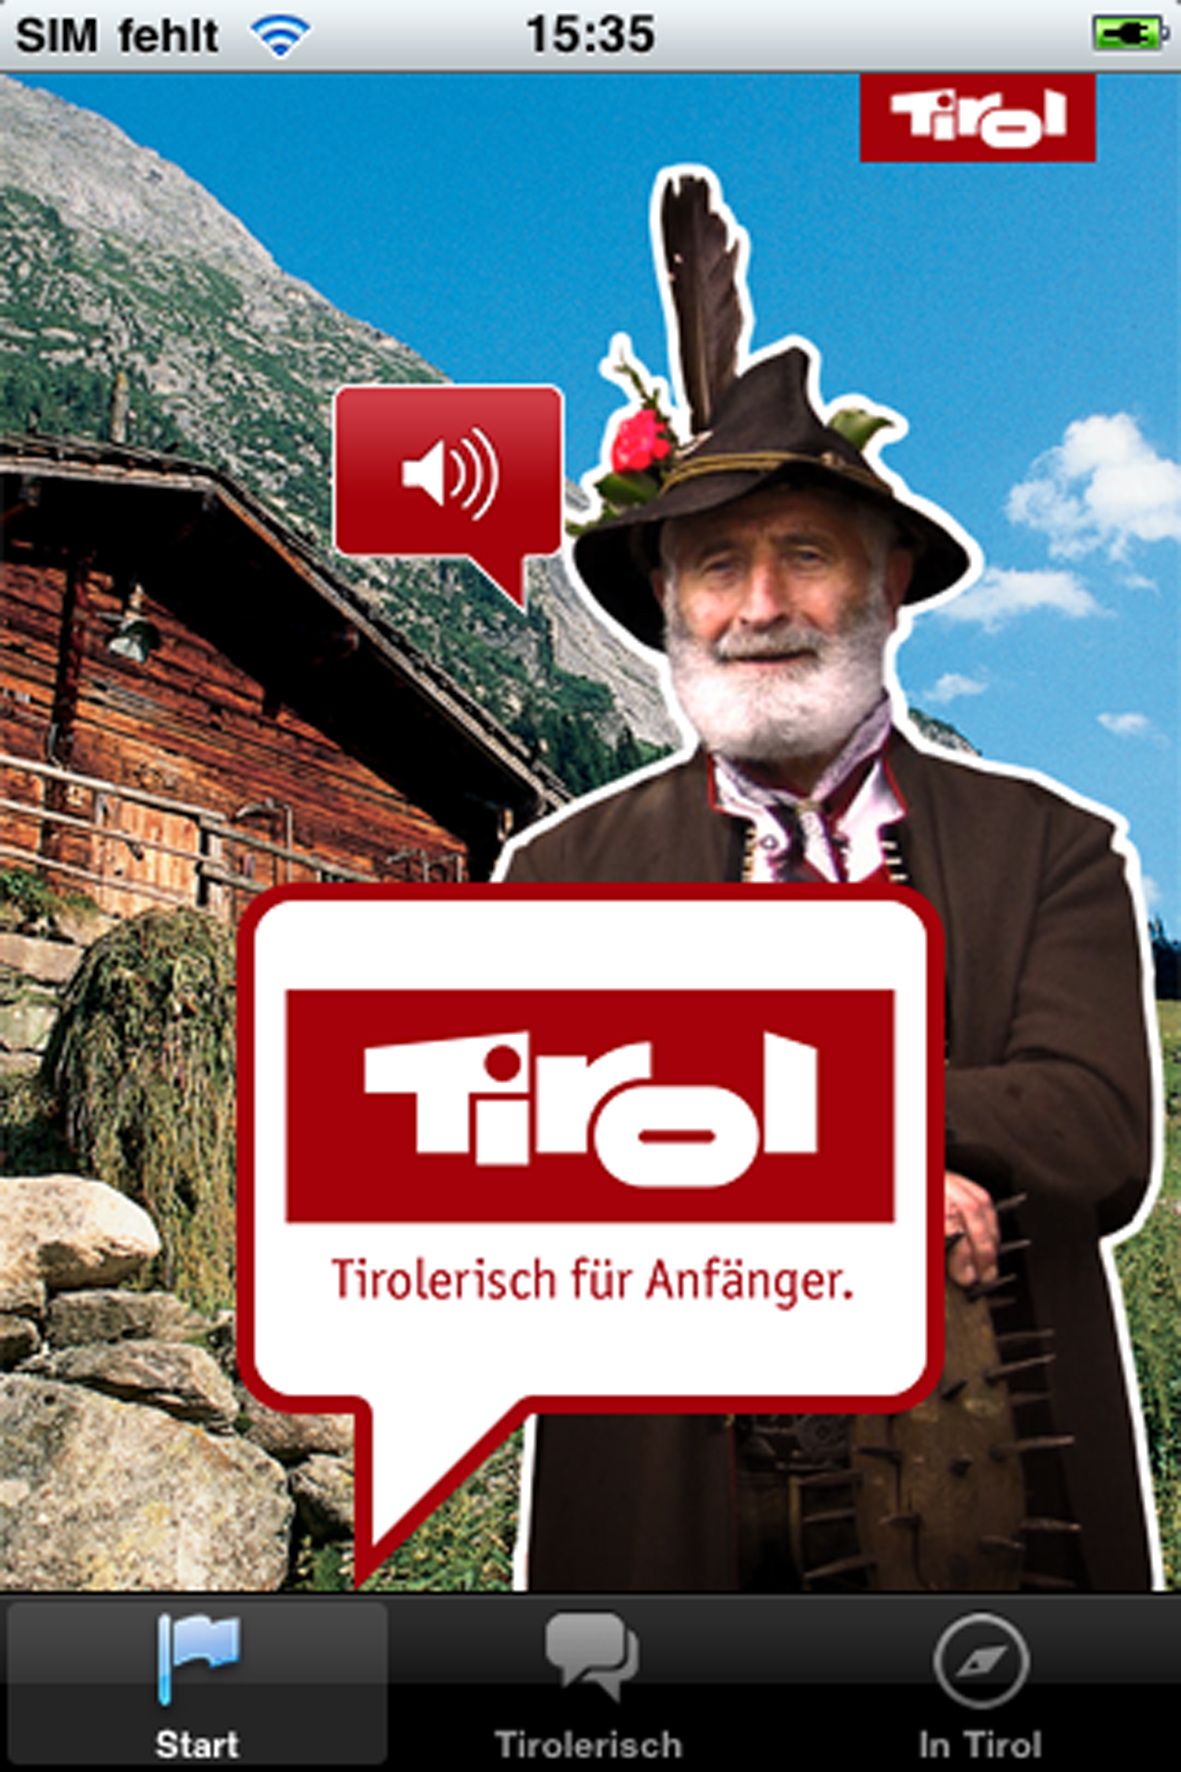 Bisch a Tiroler, bisch a Mensch! Wer diesen besonderen Dialekt nicht versteht, lädt sich die kostenlose App Tirolerisch für Anfänger auf das iPhone.  Foto: (c) Tirol Werbung